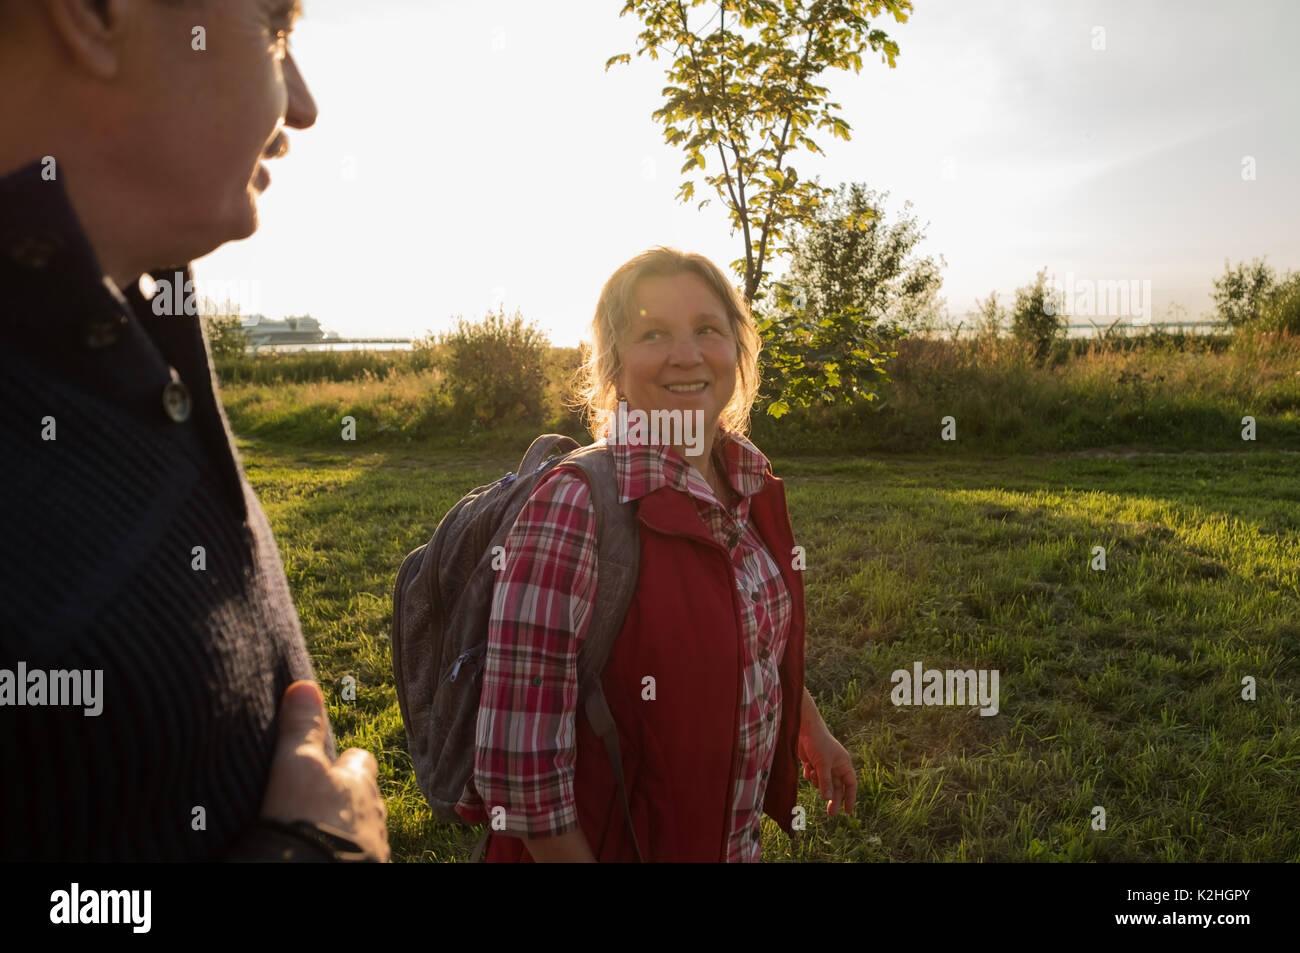 Les personnes âgées personnes âgées de race blanche heureux couple in park Photo Stock